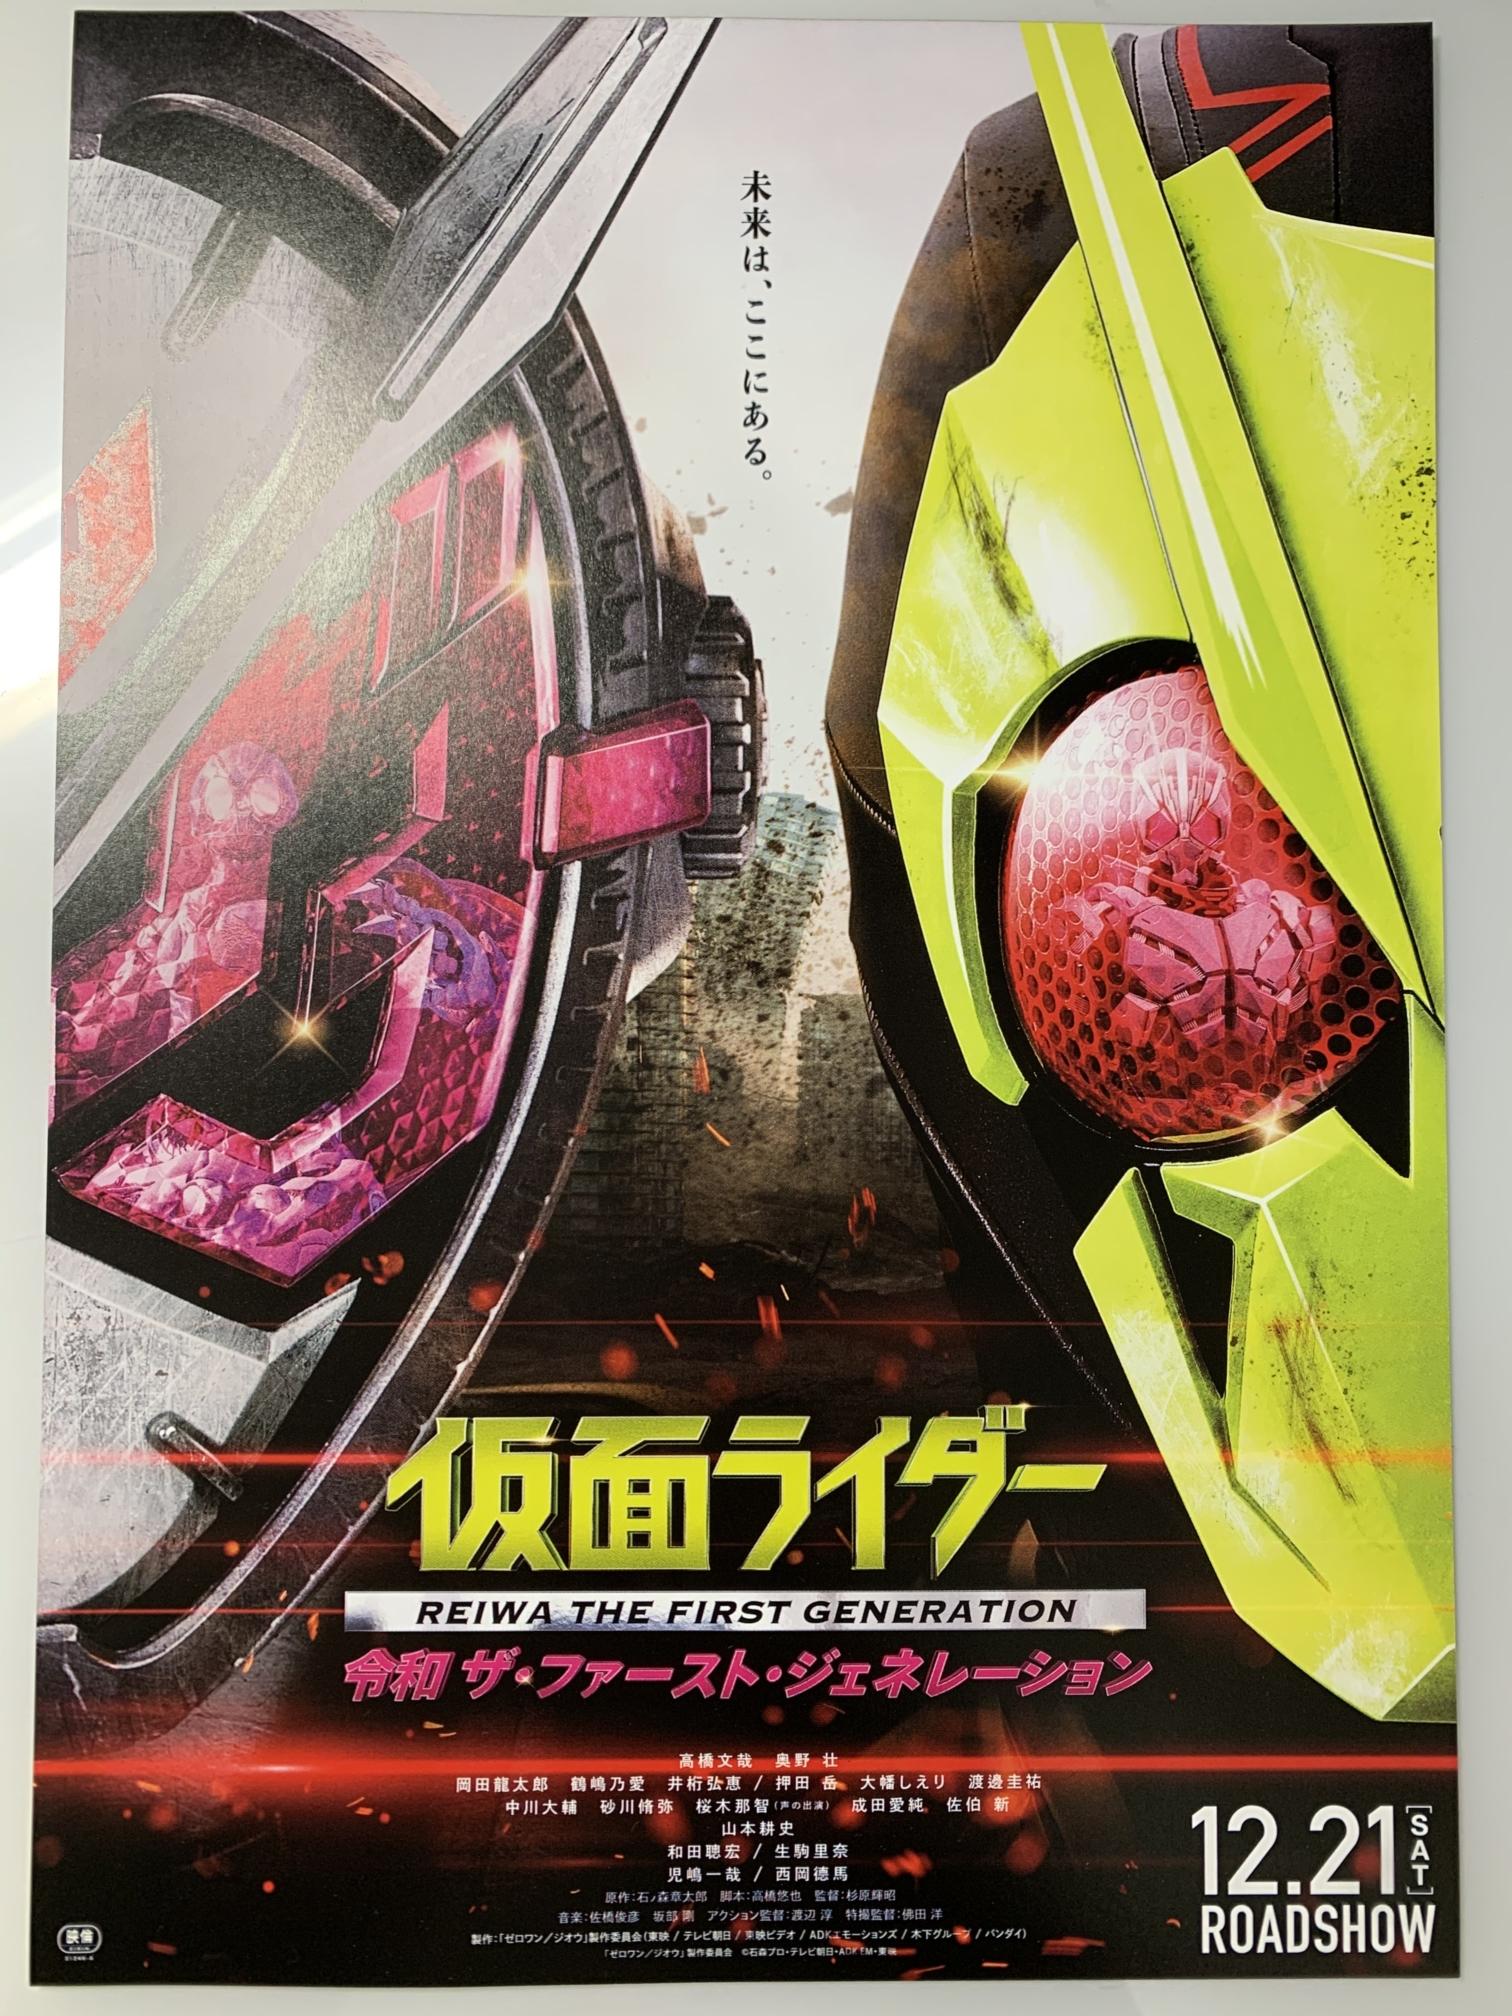 仮面ライダーセロワン【令和 ザ・ファースト・ ジェネレーション】フライヤーオモテ